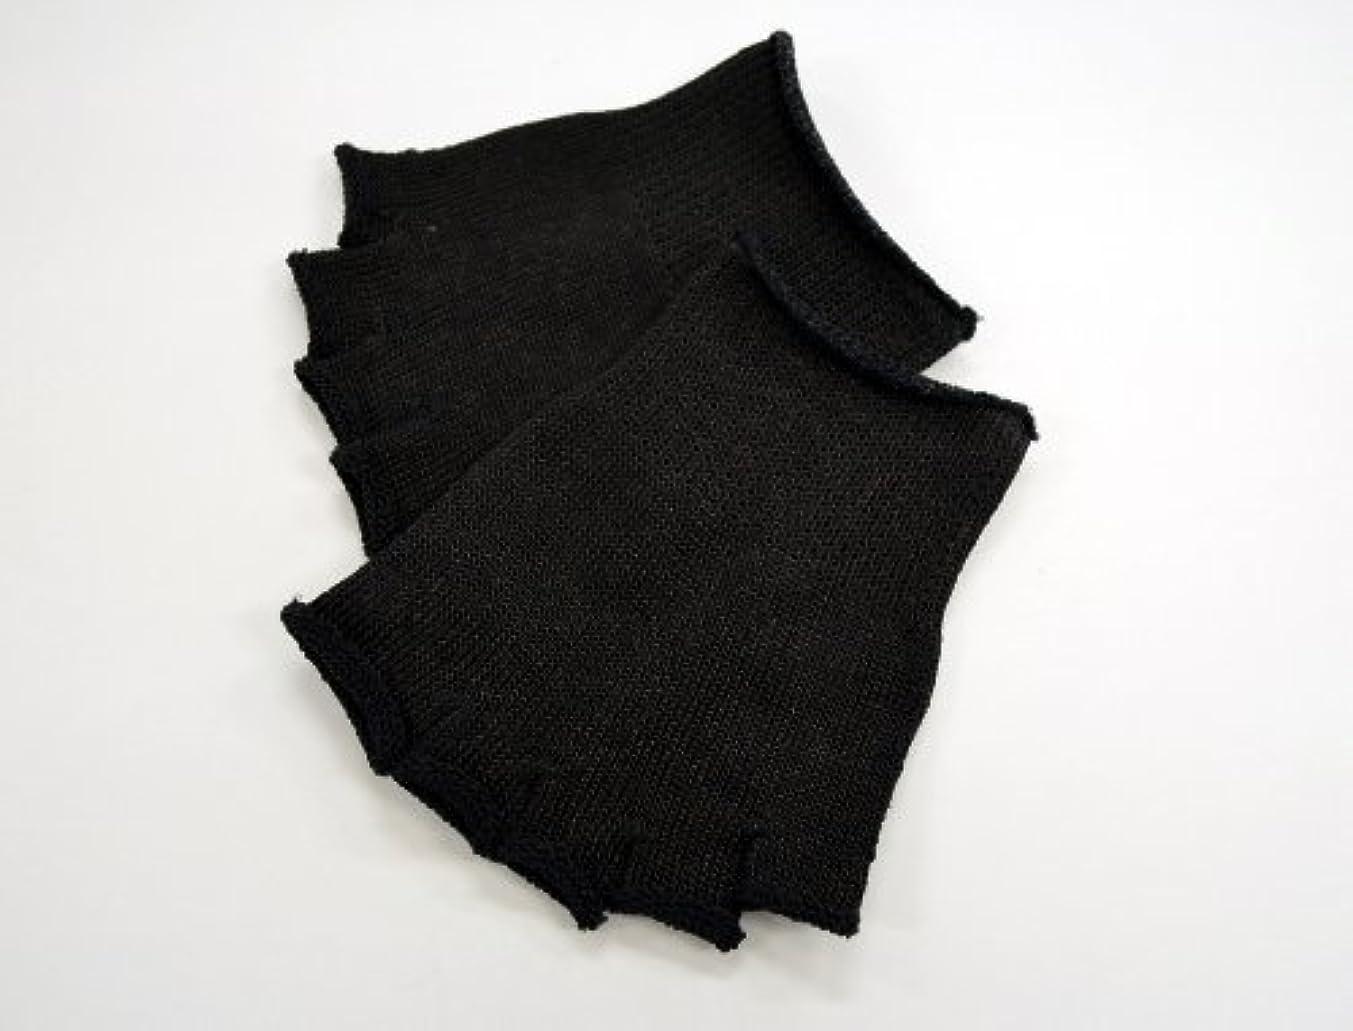 構成湿気の多い霧深い銅繊維におわなソックス